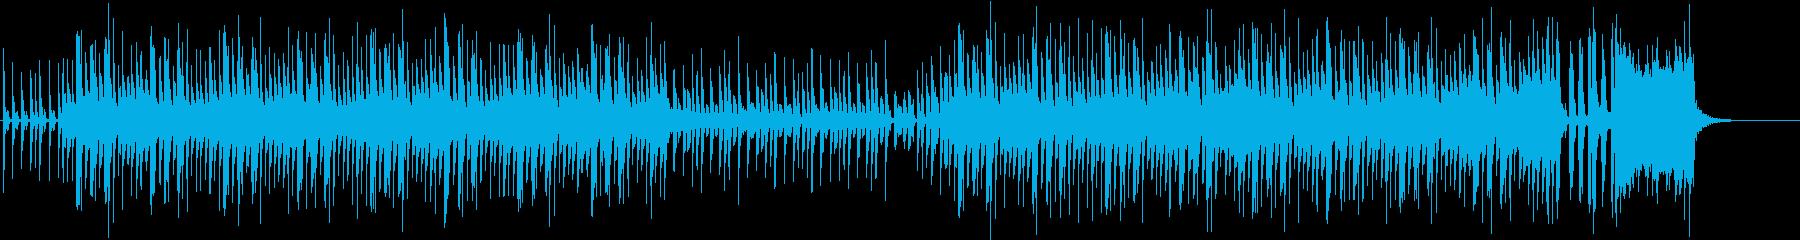 ブラスとピアノのノリのいいスネア四つ打ちの再生済みの波形